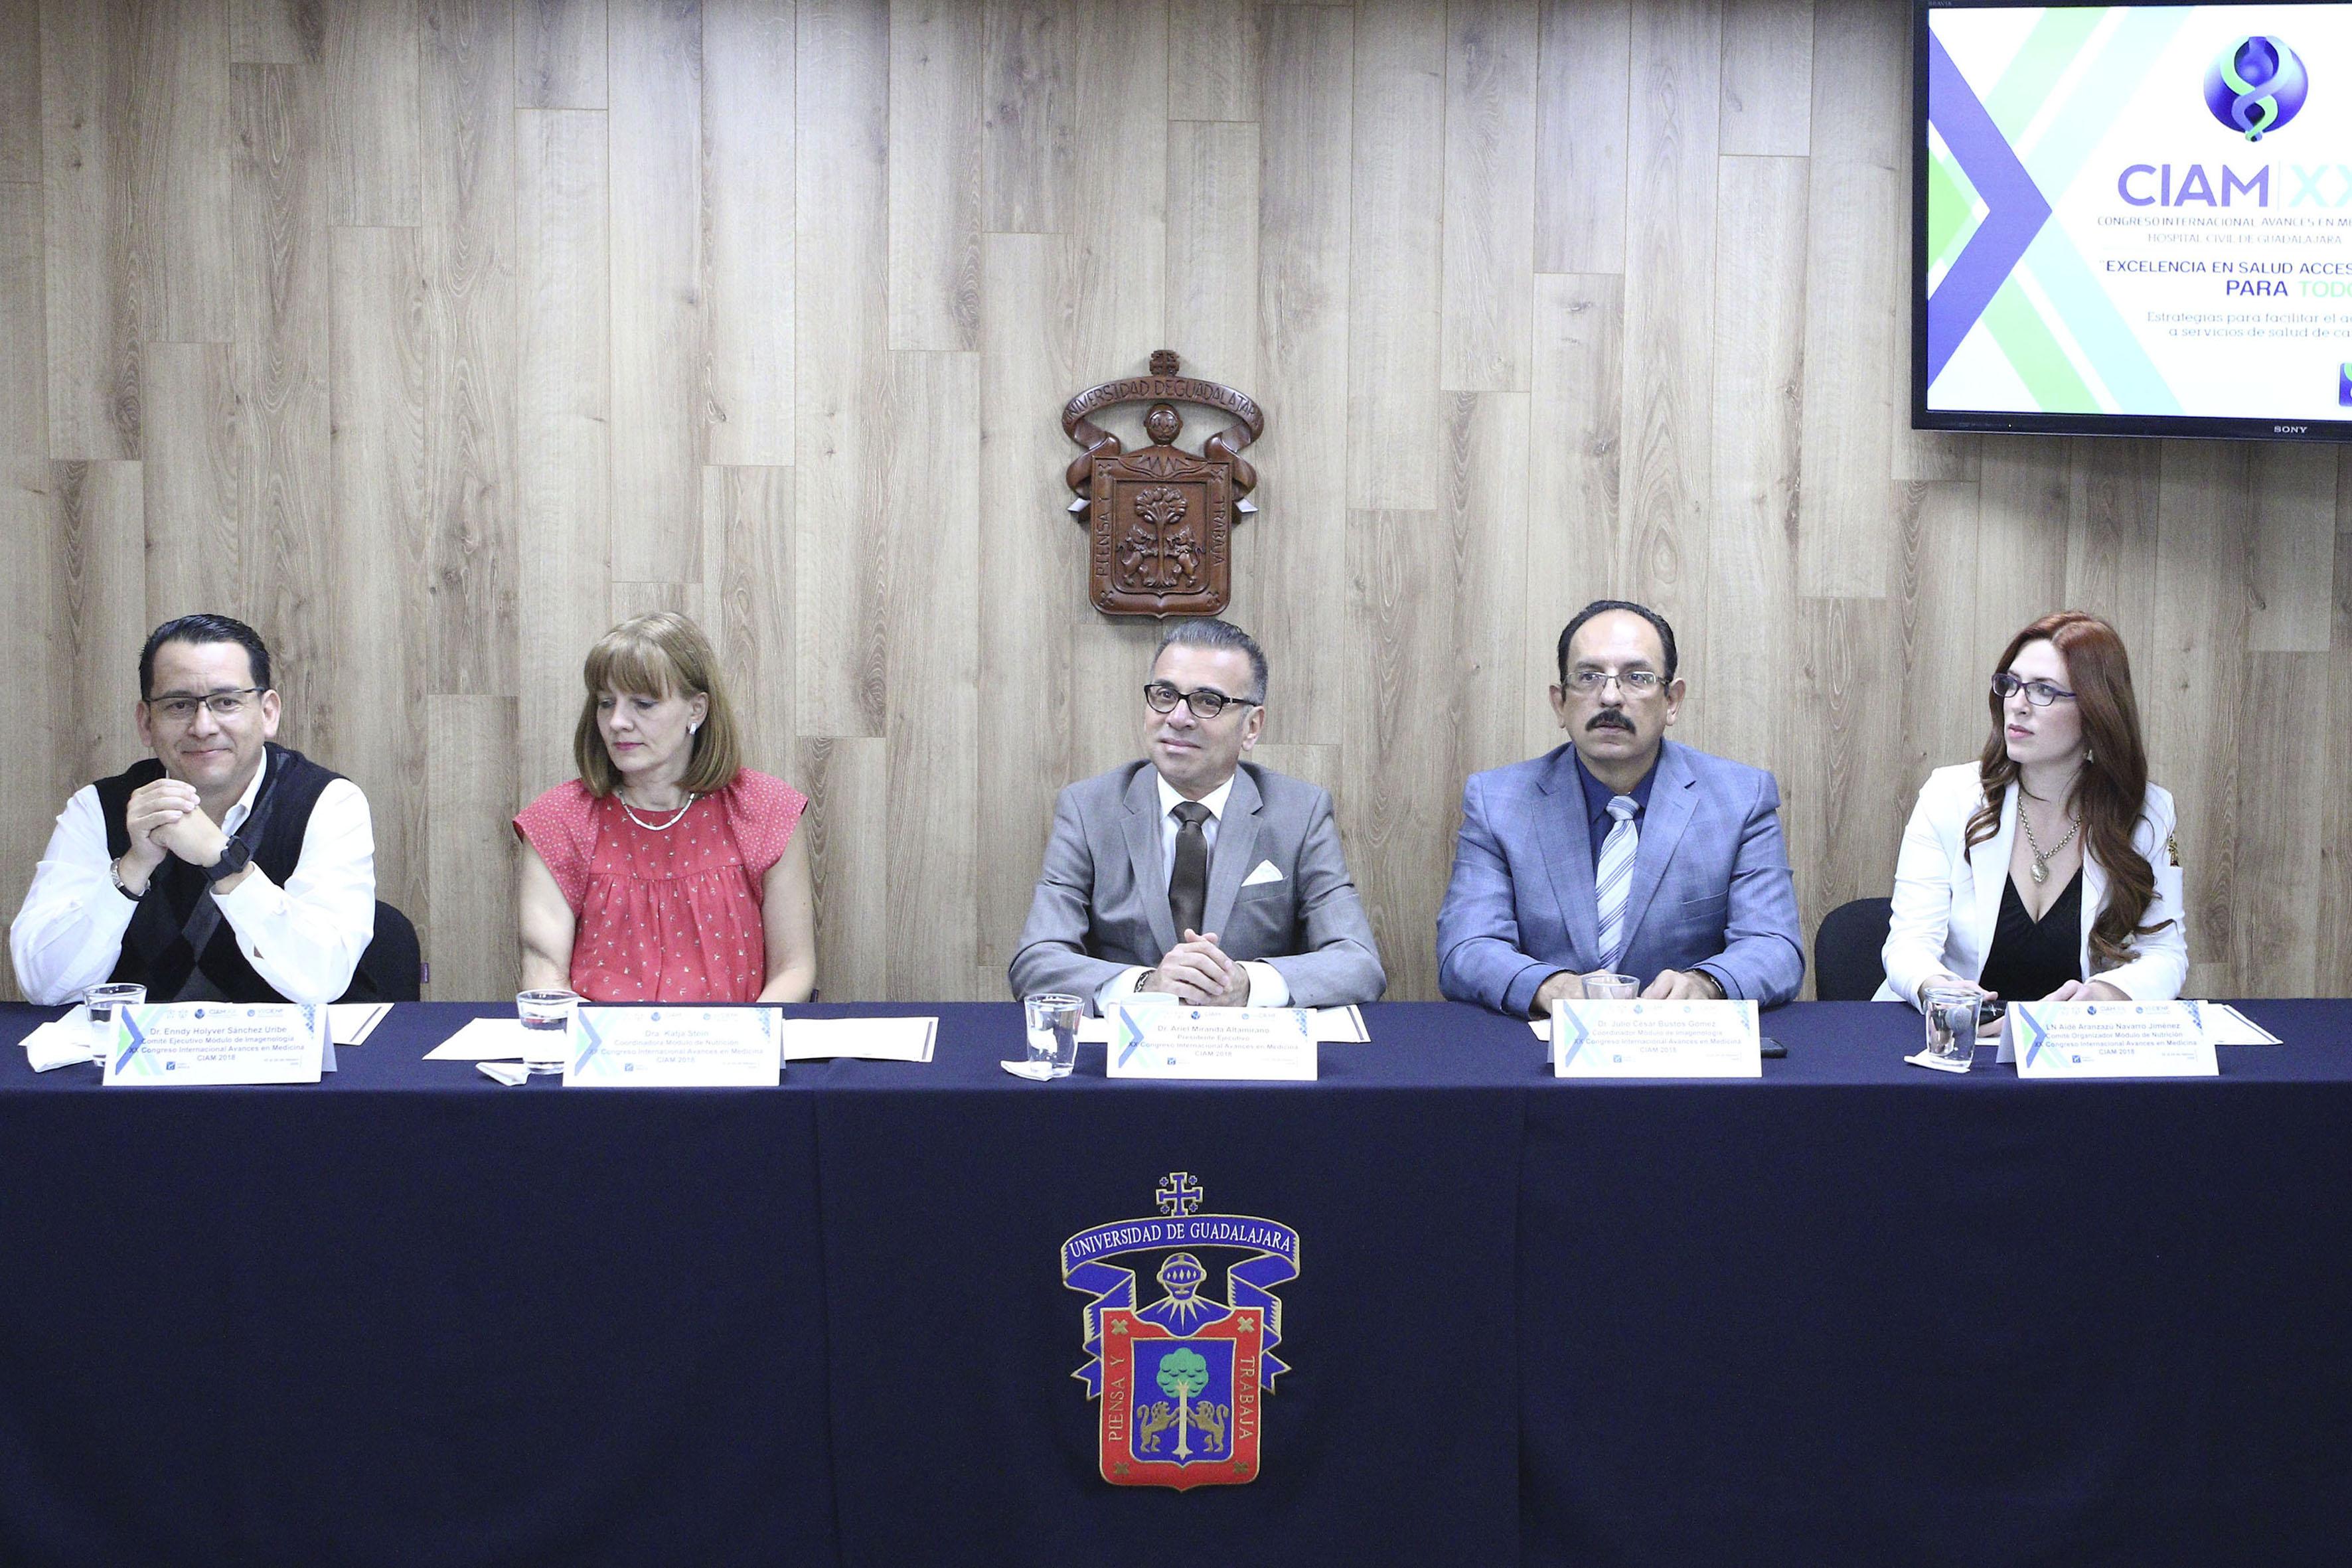 Rueda de prensa para anunciar los  módulos de Nutrición e Imagenología del CIAM 2018